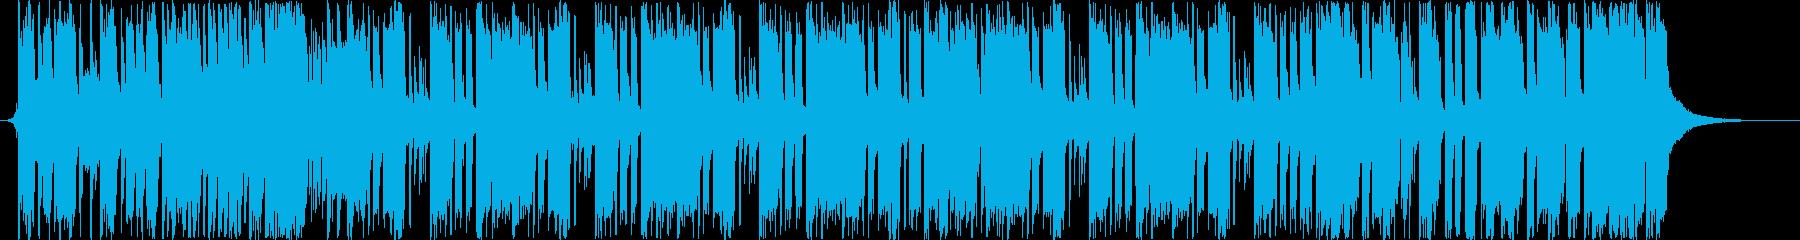 可愛いフューチャーベースの再生済みの波形